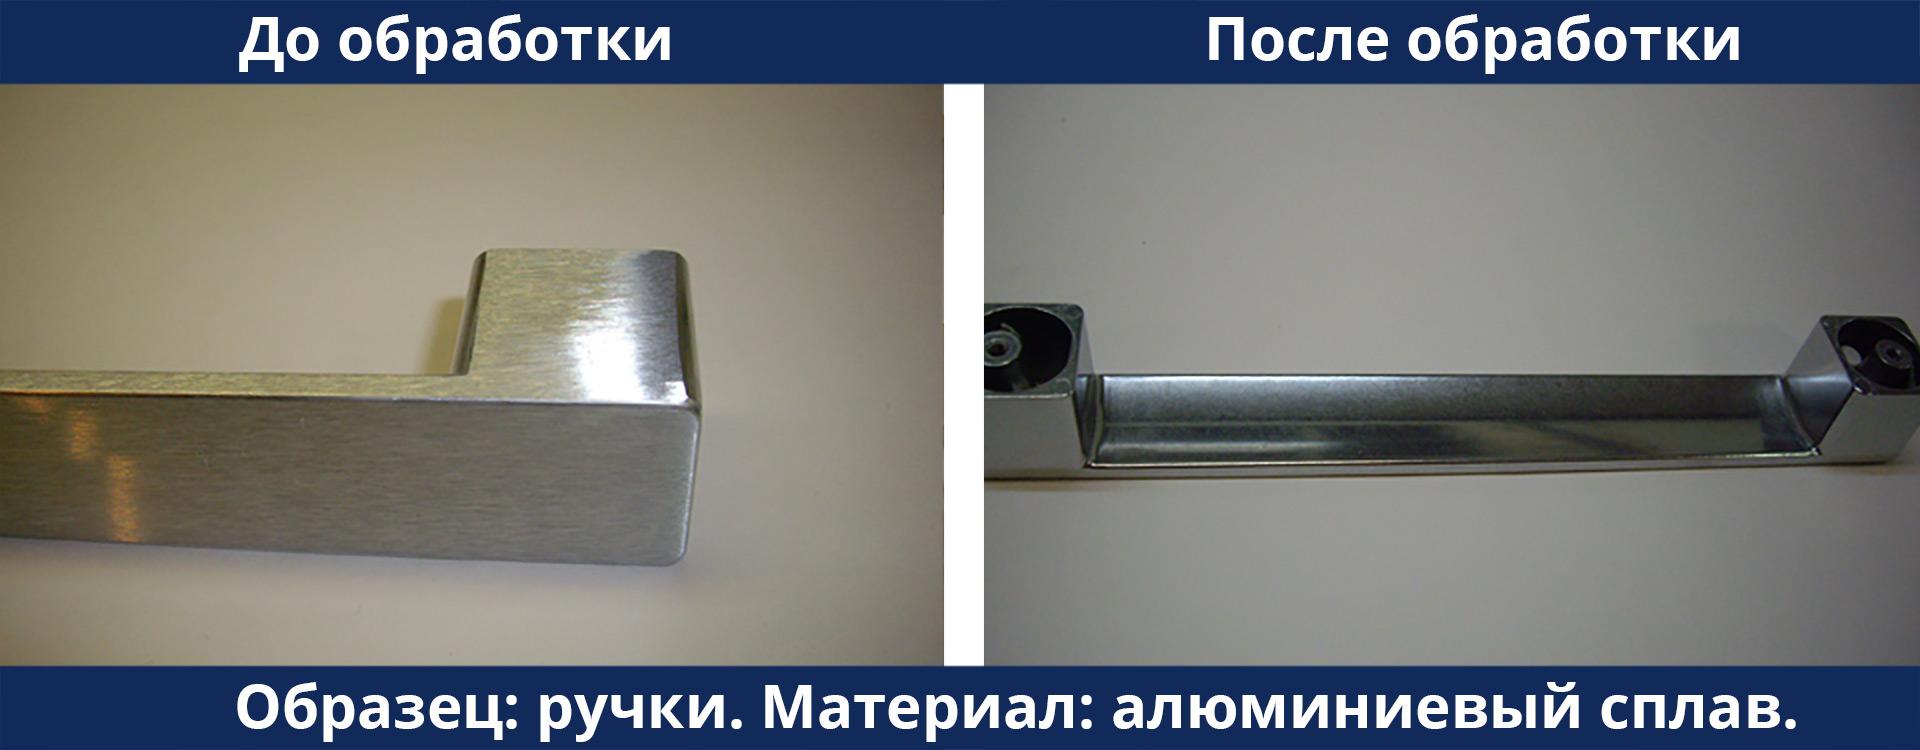 Образец ручки из алюминиевого сплава до галтовки и после галтовки